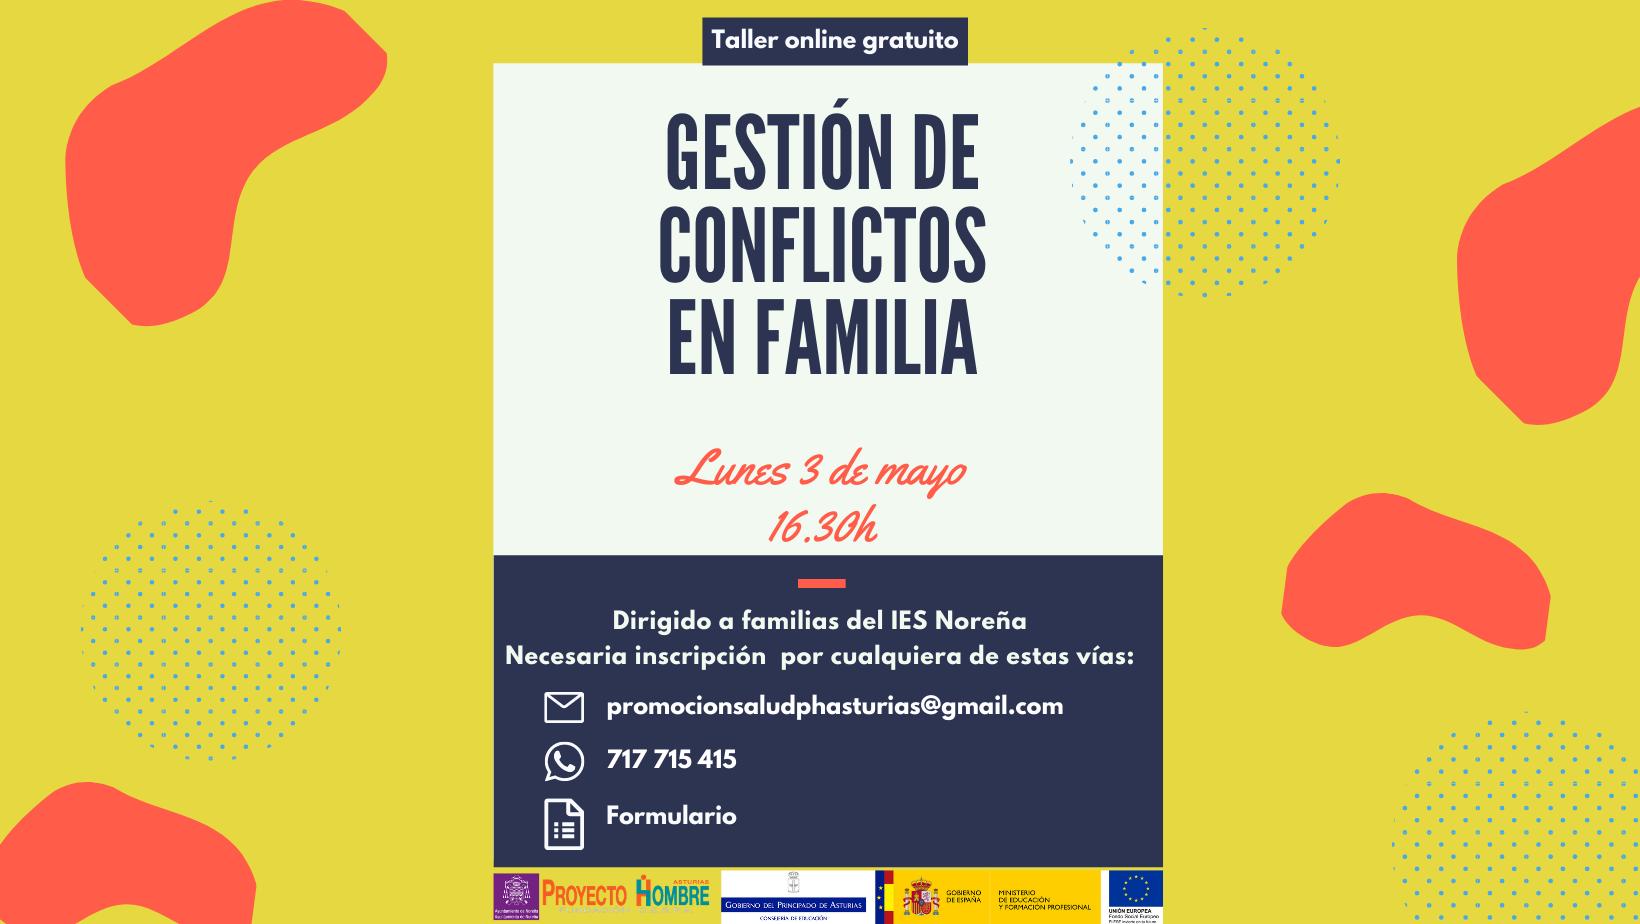 GESTIÓN DE CONFLICTOS EN FAMILIA